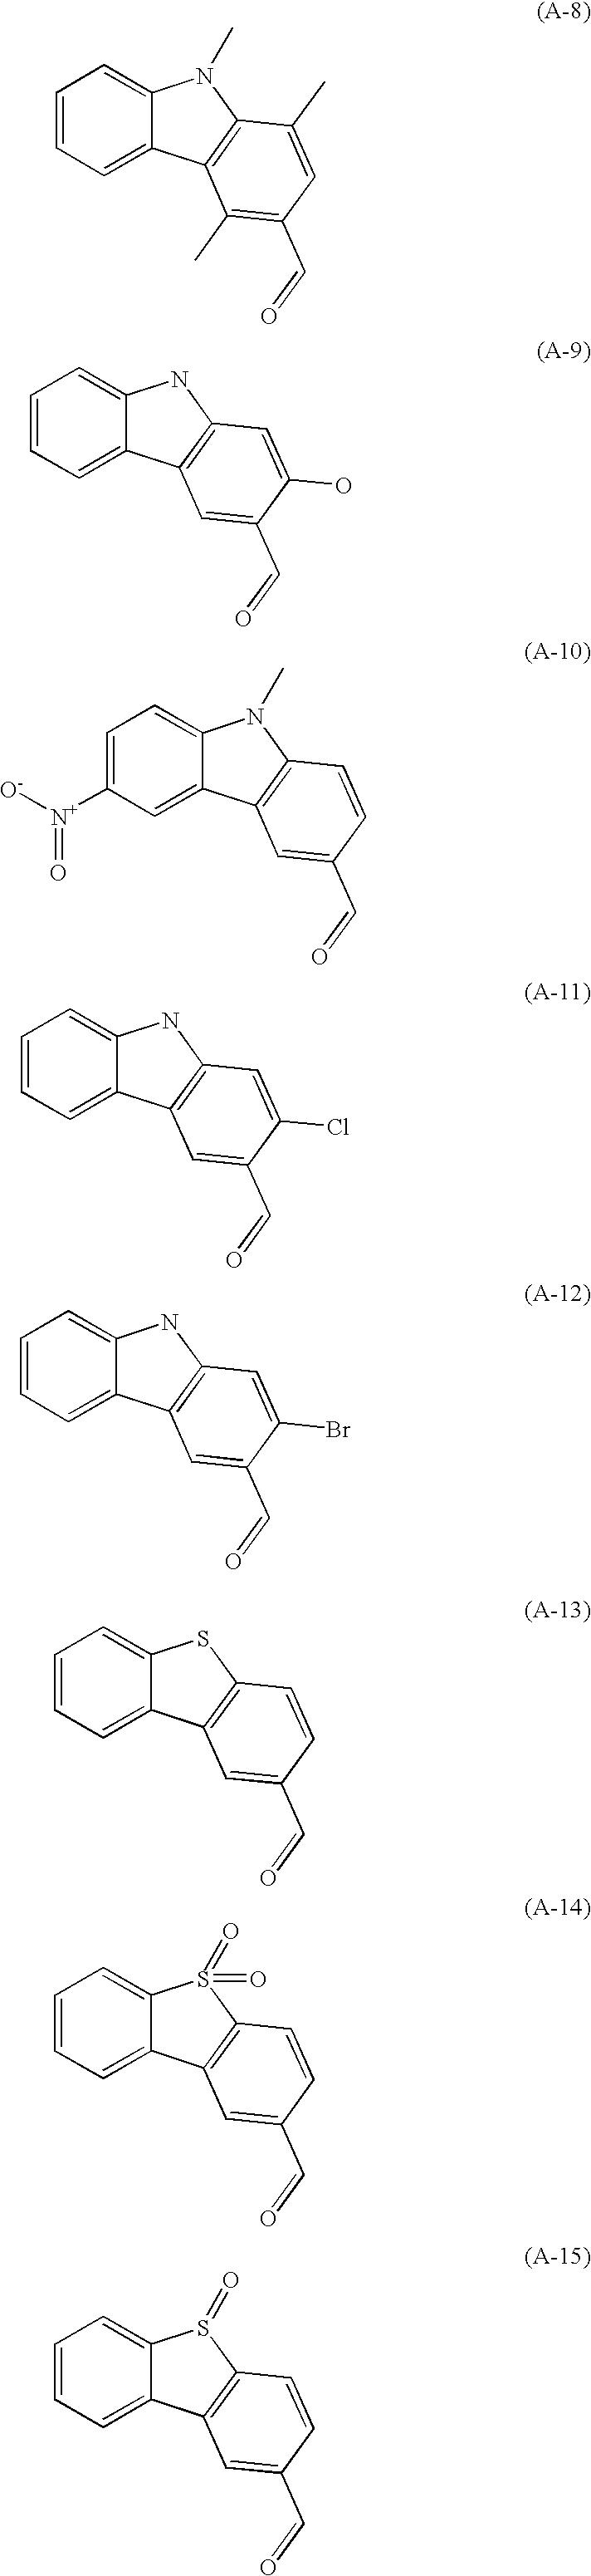 Figure US20030203901A1-20031030-C00019